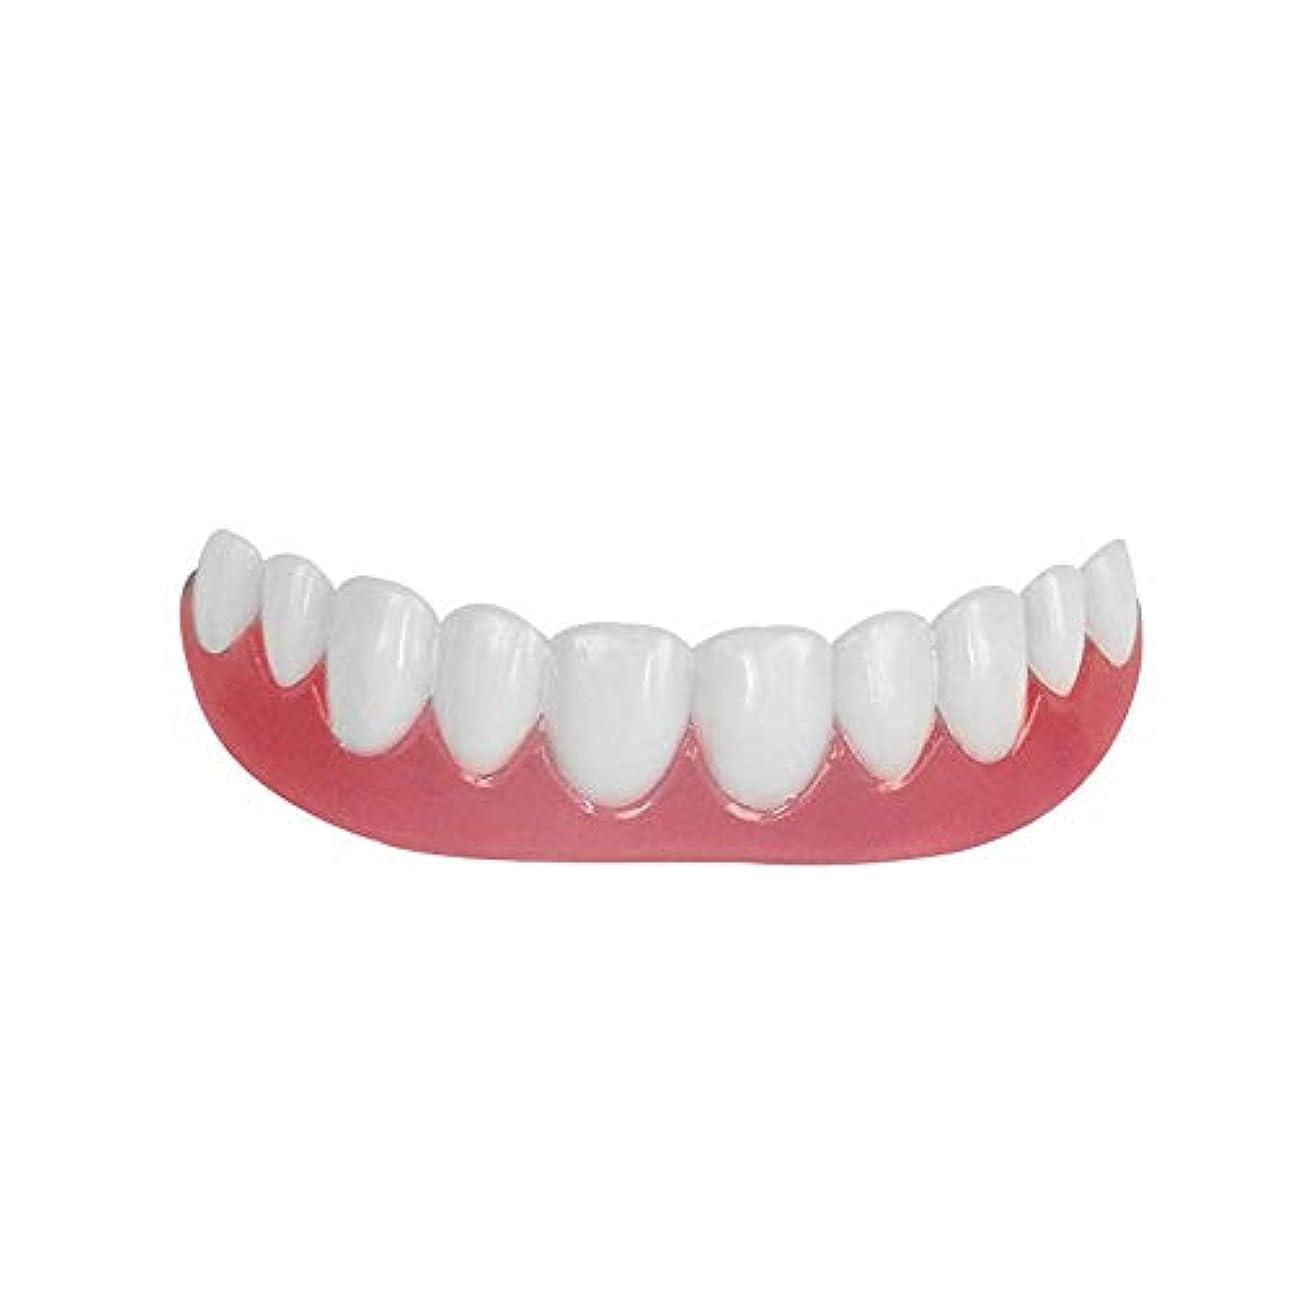 支援するレトルトもシリコーン模擬歯上歯、歯科用ステッカーのホワイトニング、歯のホワイトニングセット(1pcs),A